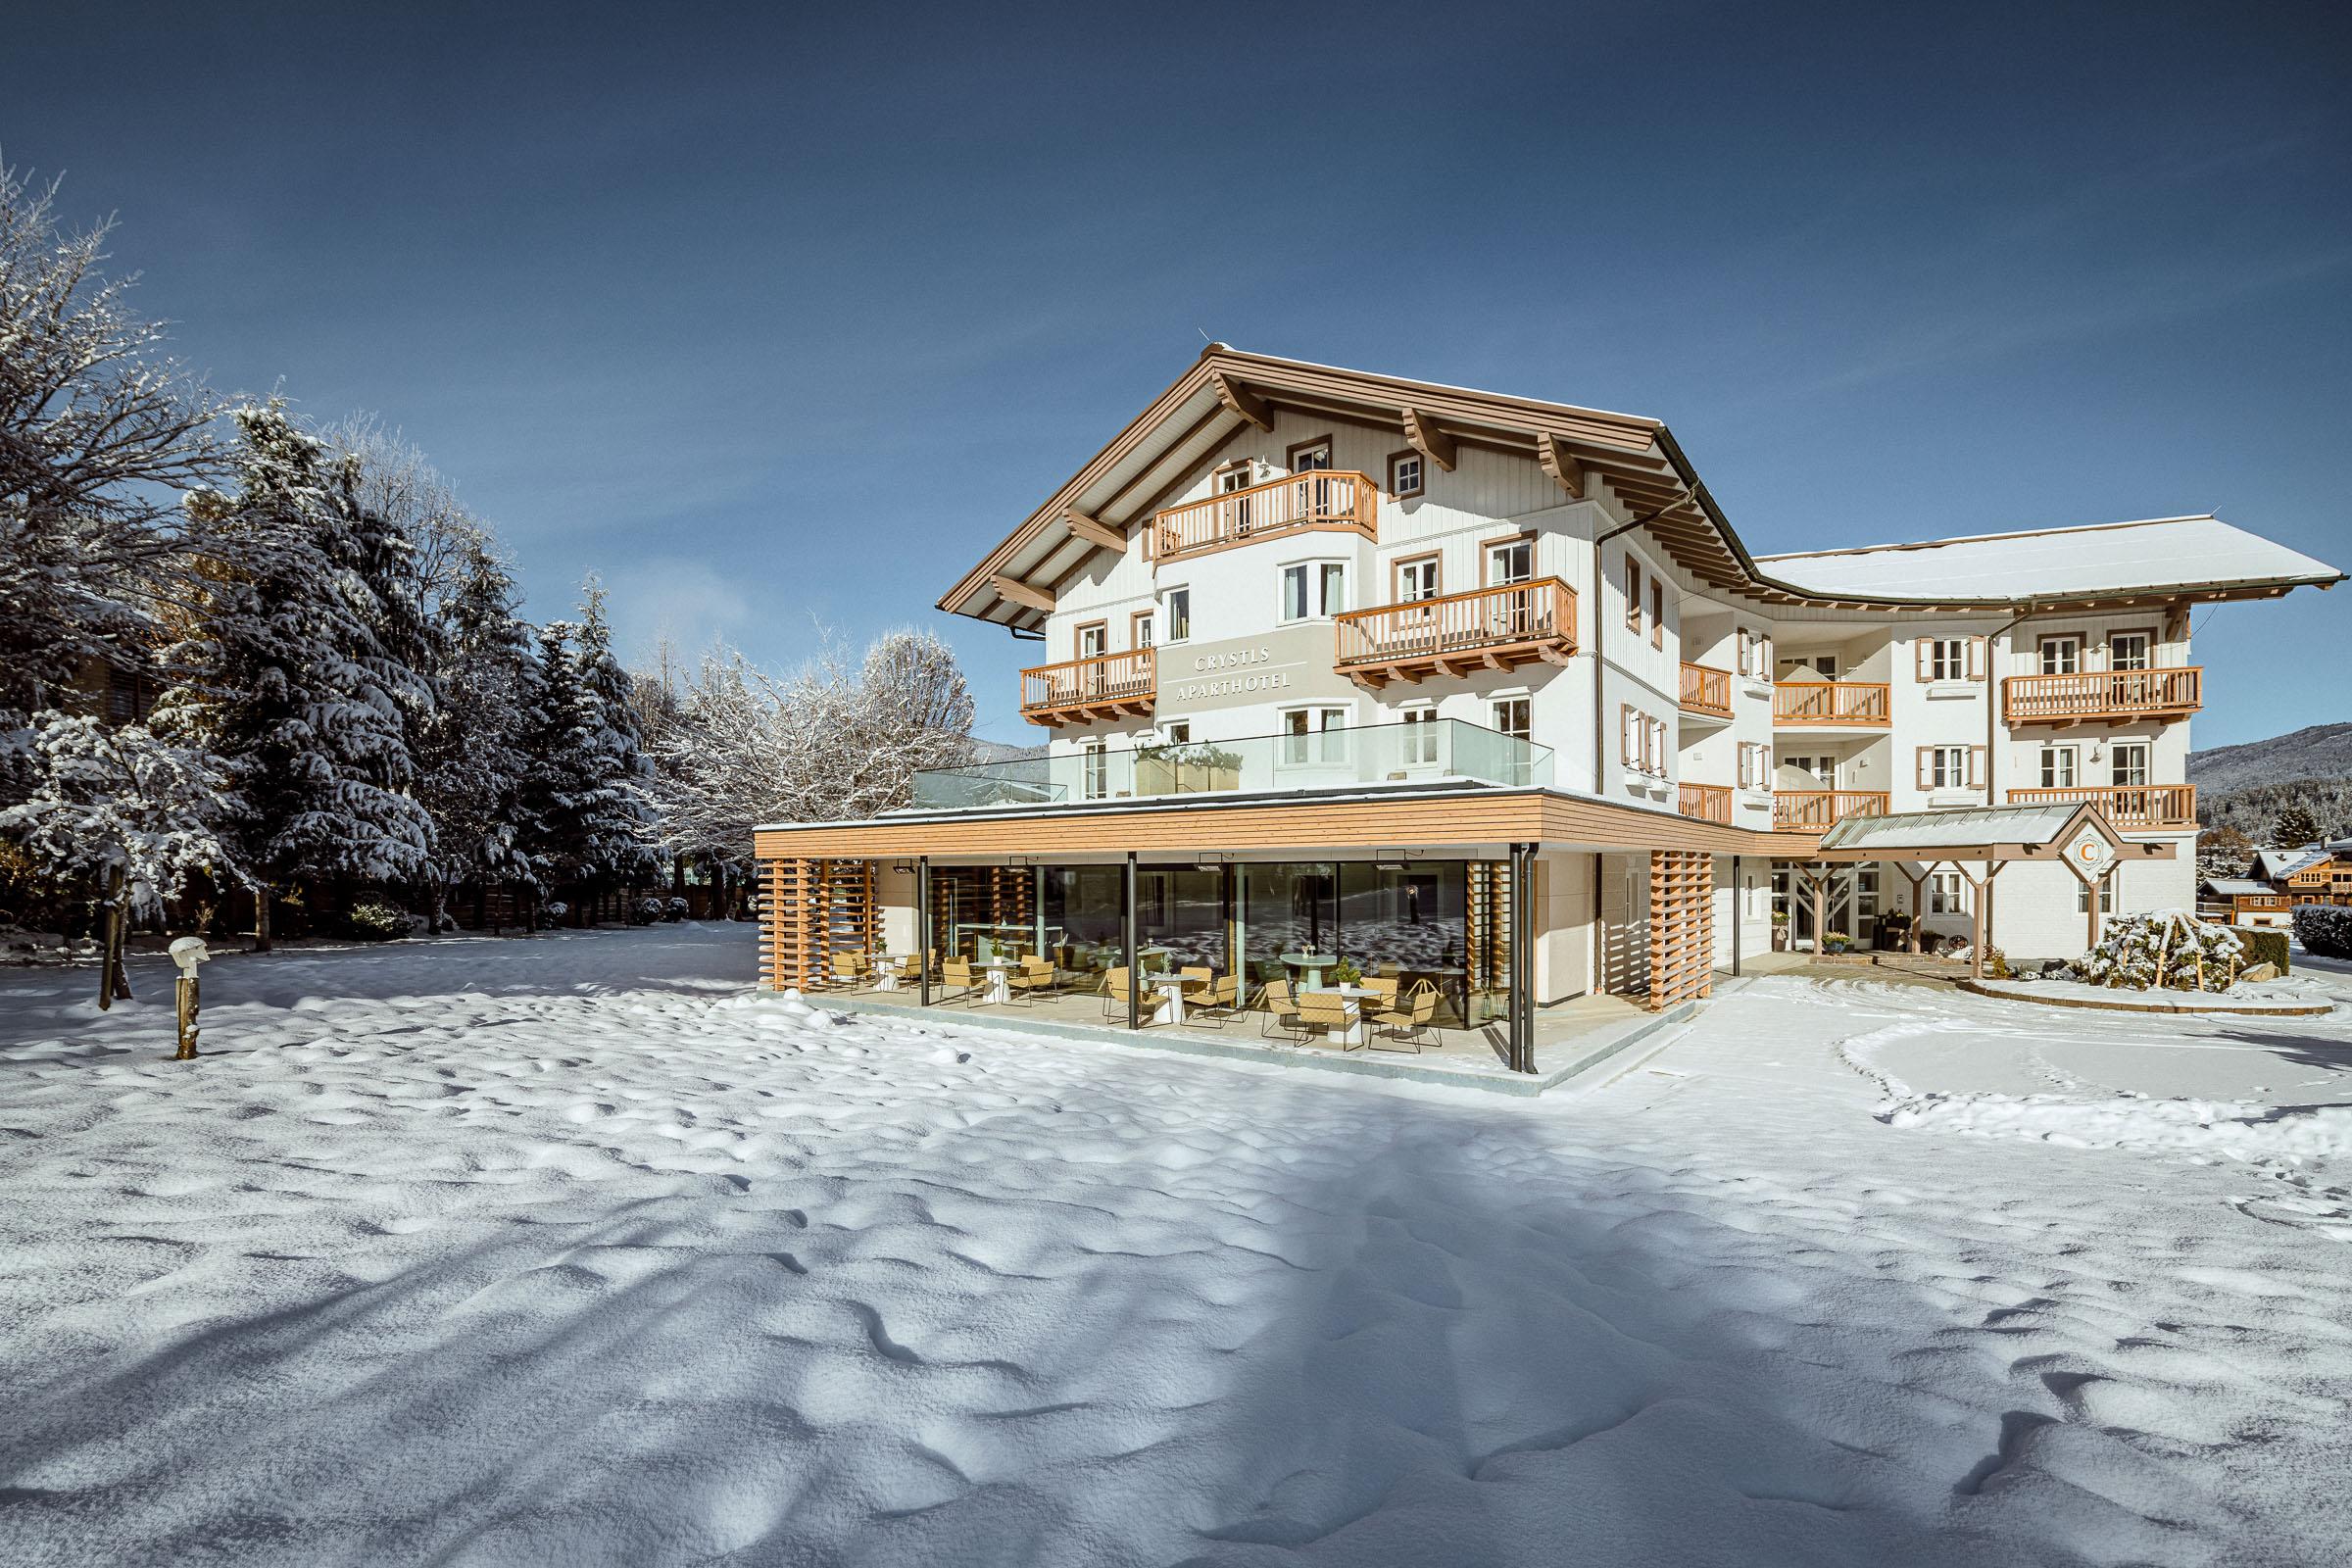 Crystls_fassade_winter_flachau_aparthotel 2